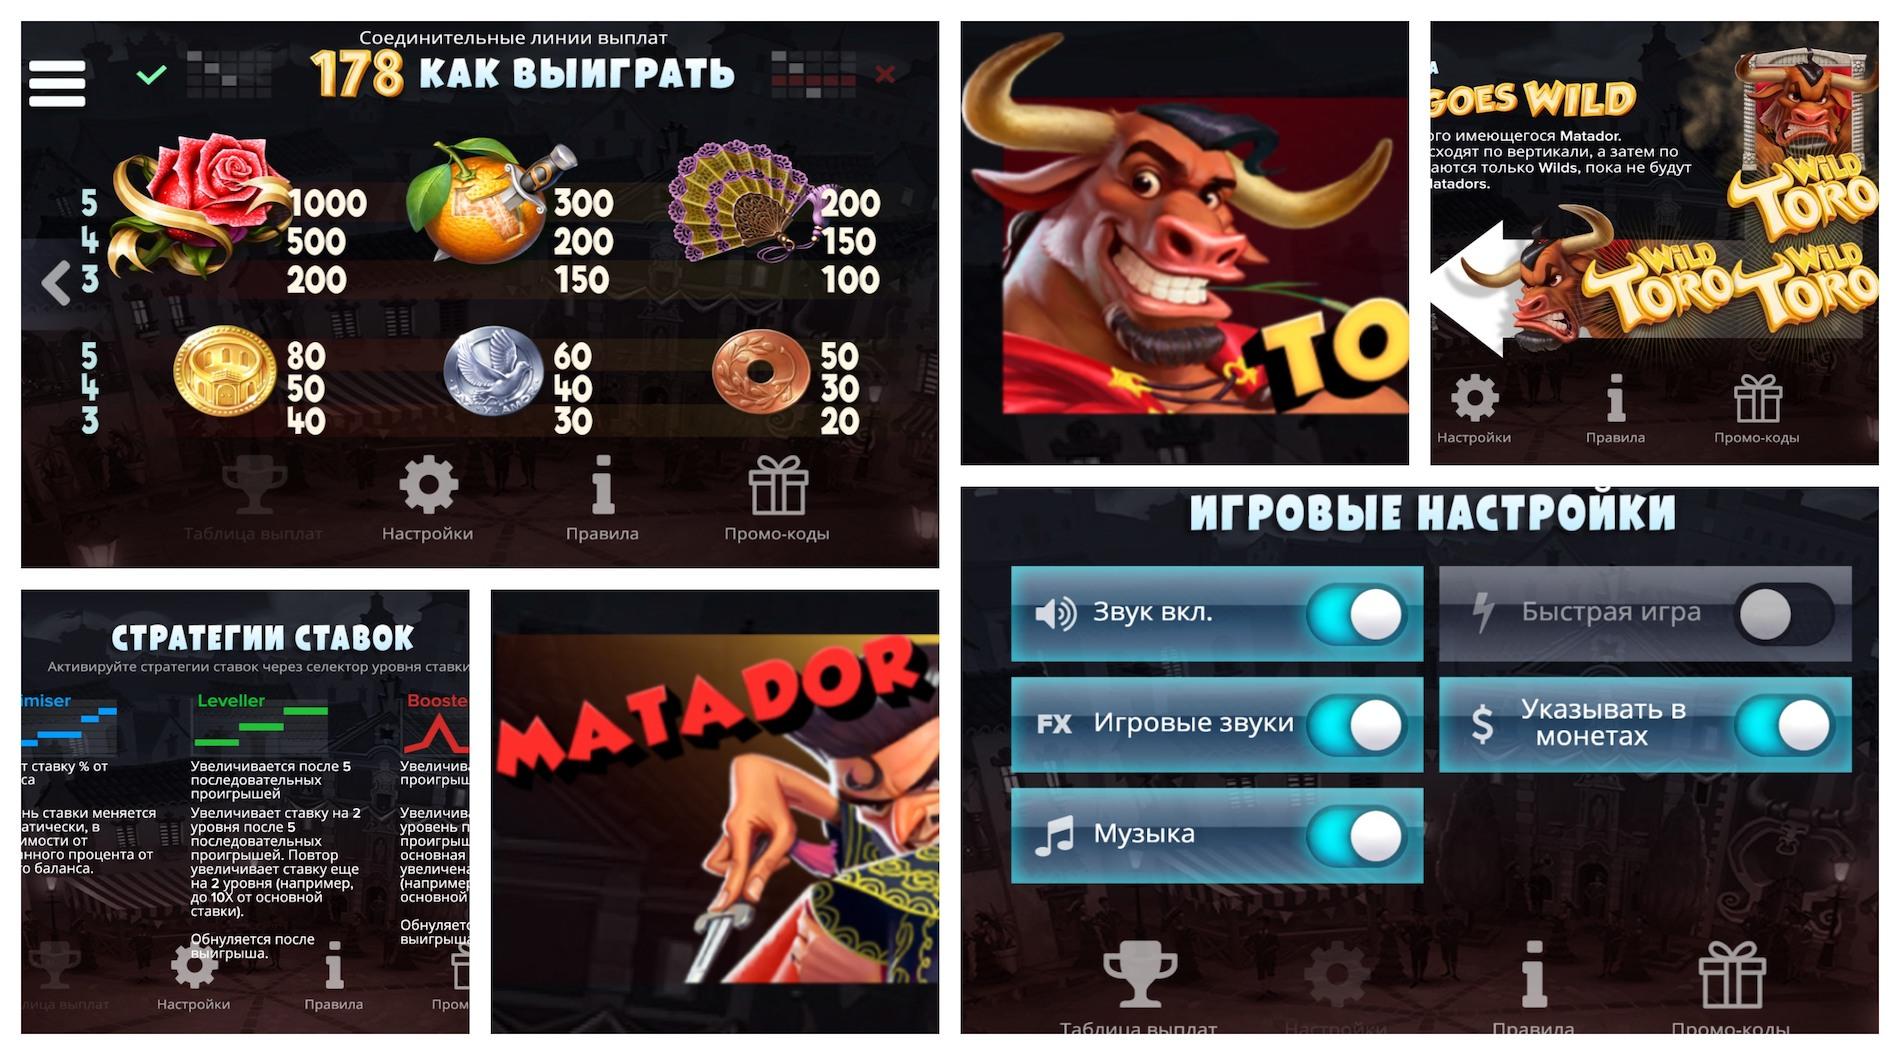 Играть Wild Toro бесплатно